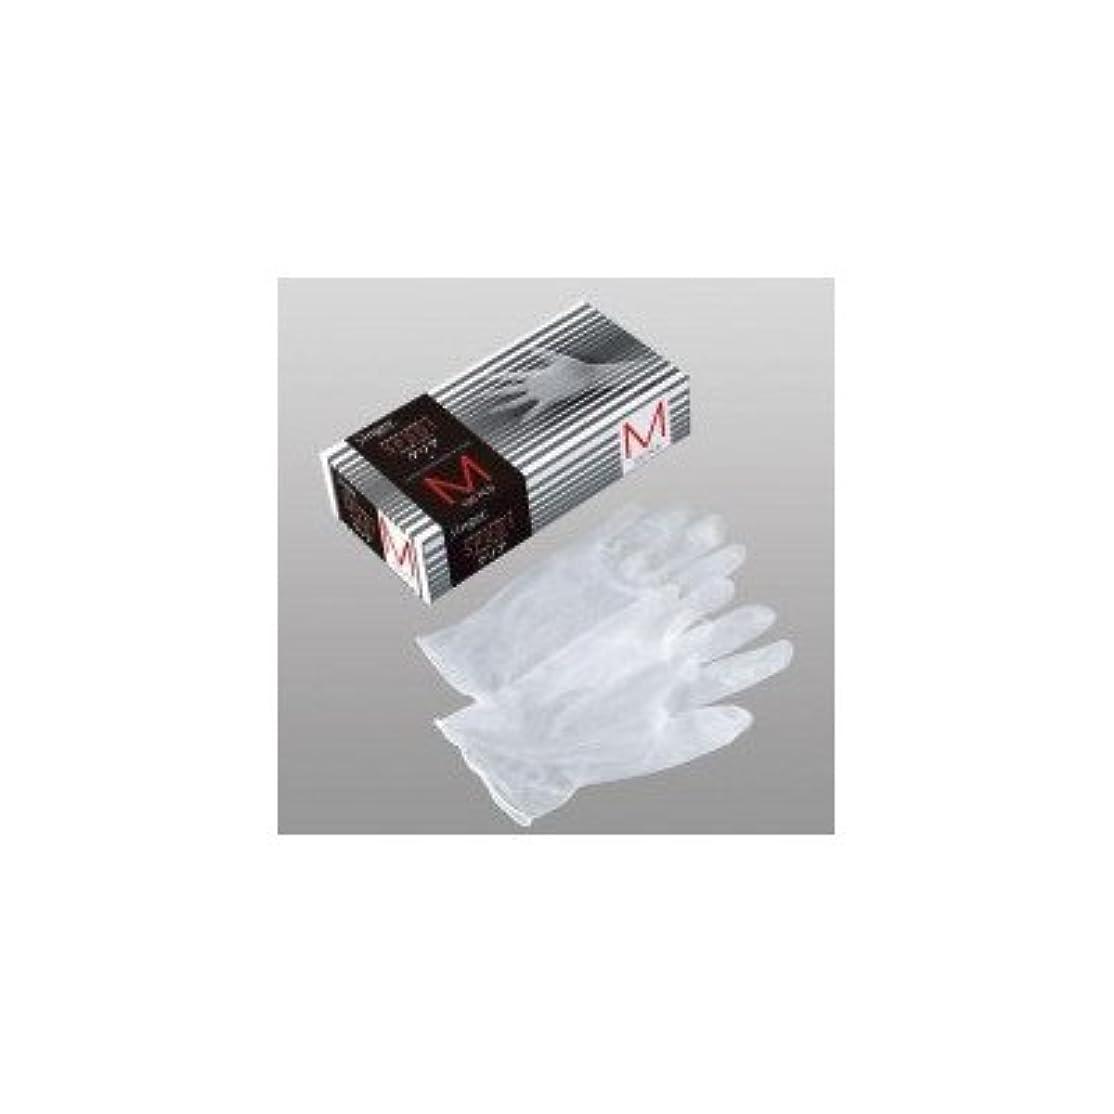 救出征服者建設シンガープラスチックグローブ(手袋) SP201 パウダーフリー クリアー(100枚) S( 画像はイメージ画像です お届けの商品はSのみとなります)